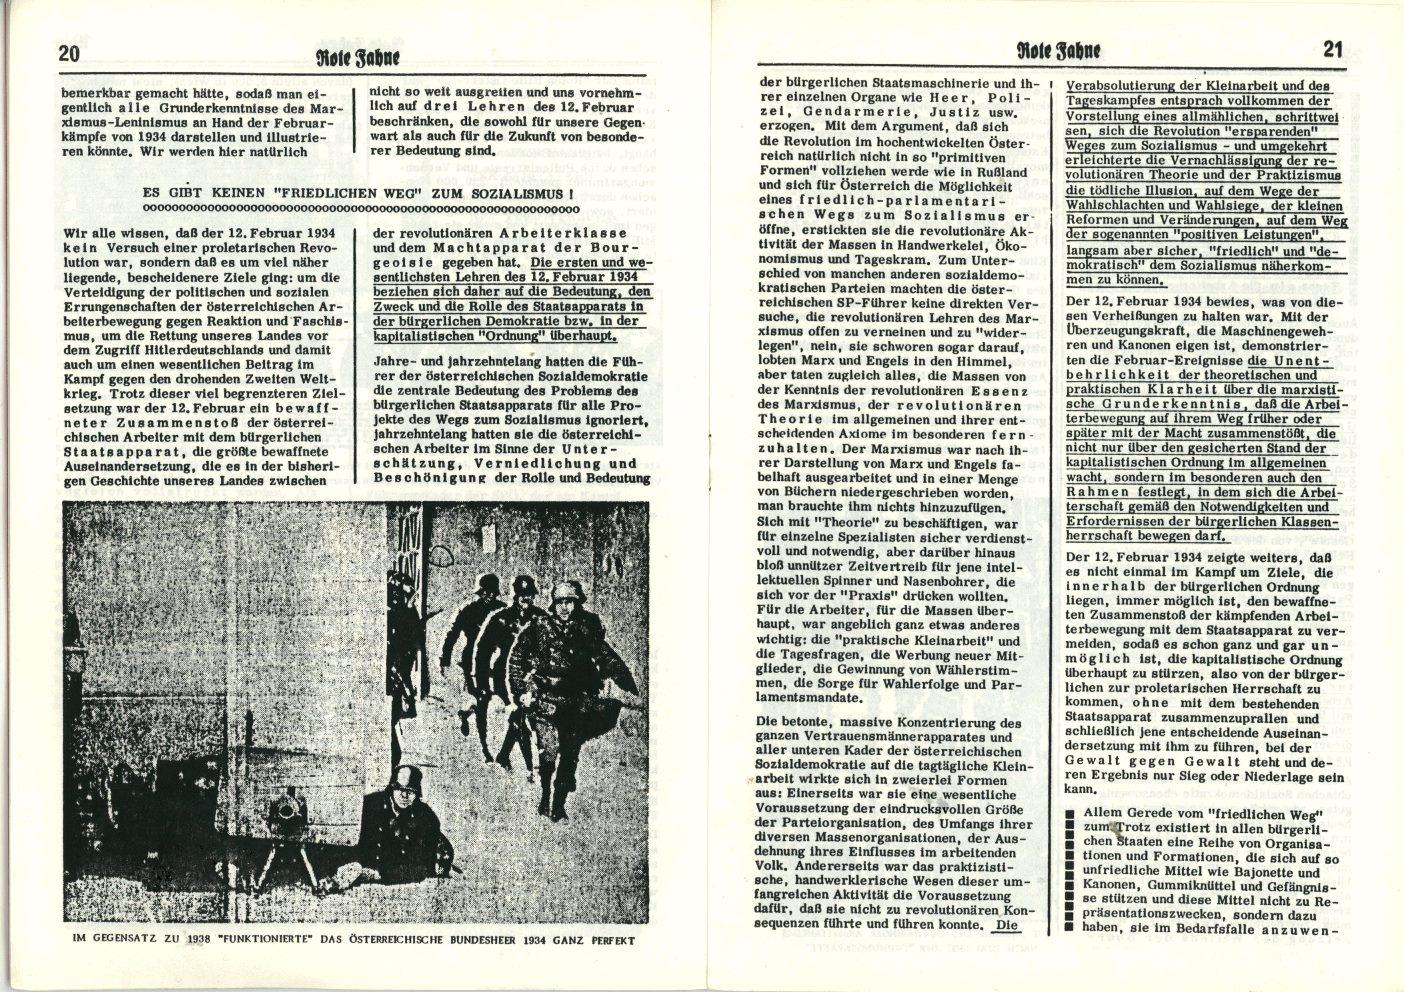 MLPOe_Lehren_des_12_Februar_1934_1984_11